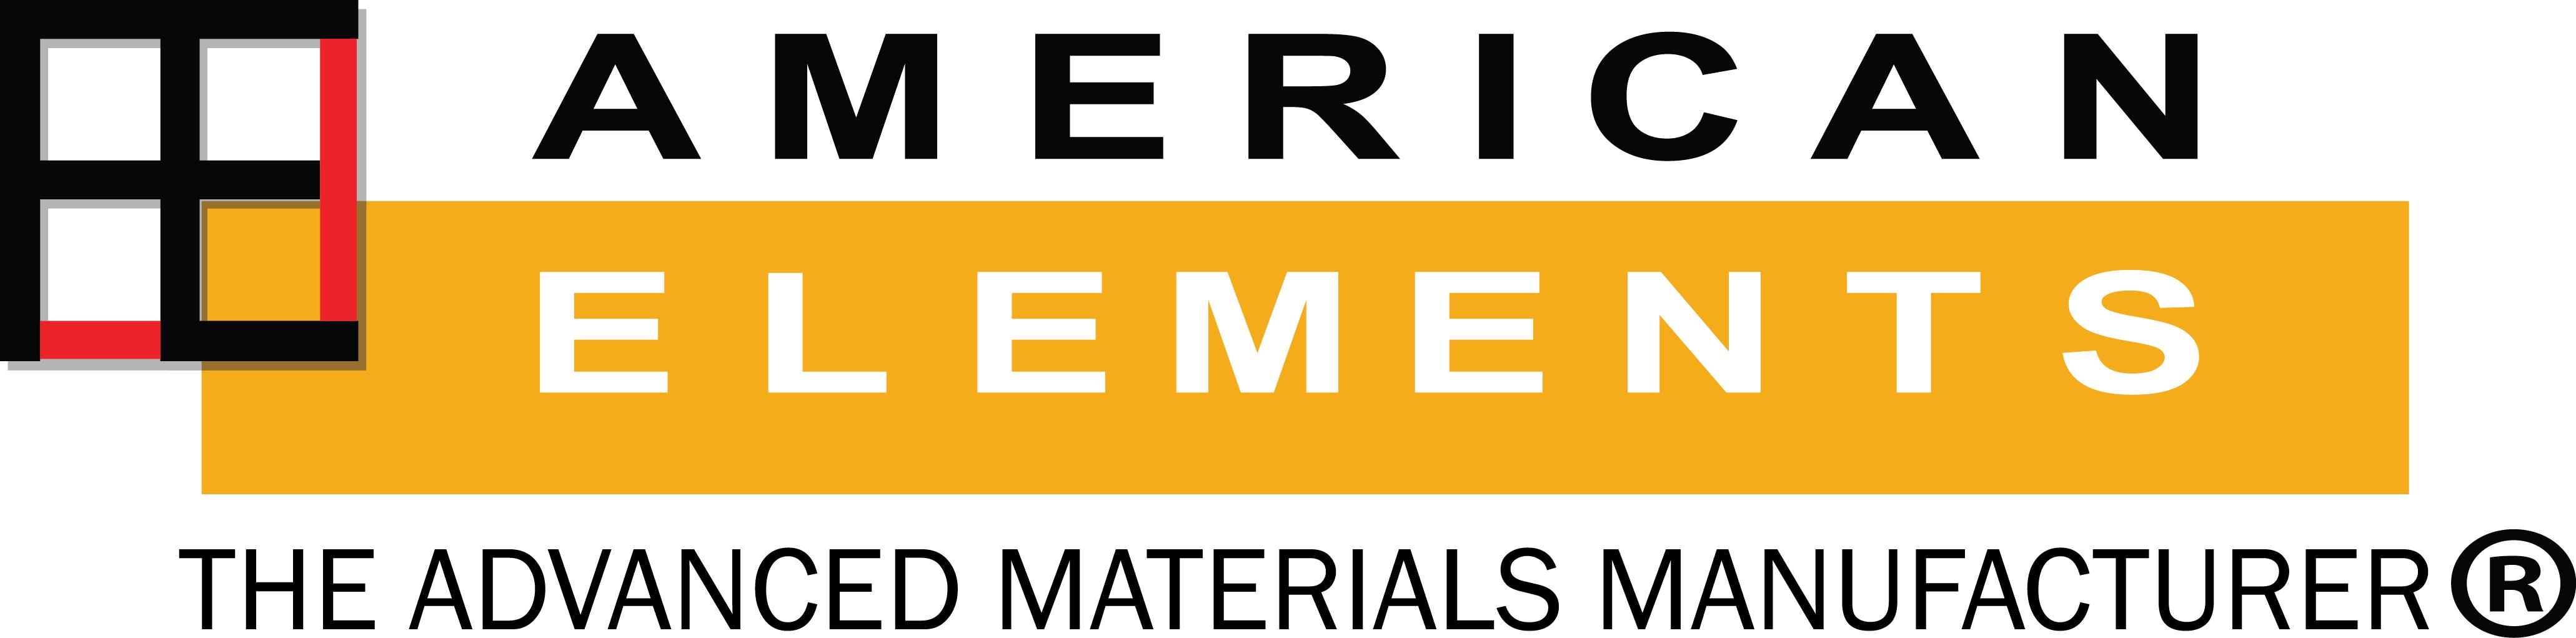 1494319405_american-elements-advanced-nanomaterials-nanobiosensors-solar-nanoenergy-nanomedicine-materials.jpg